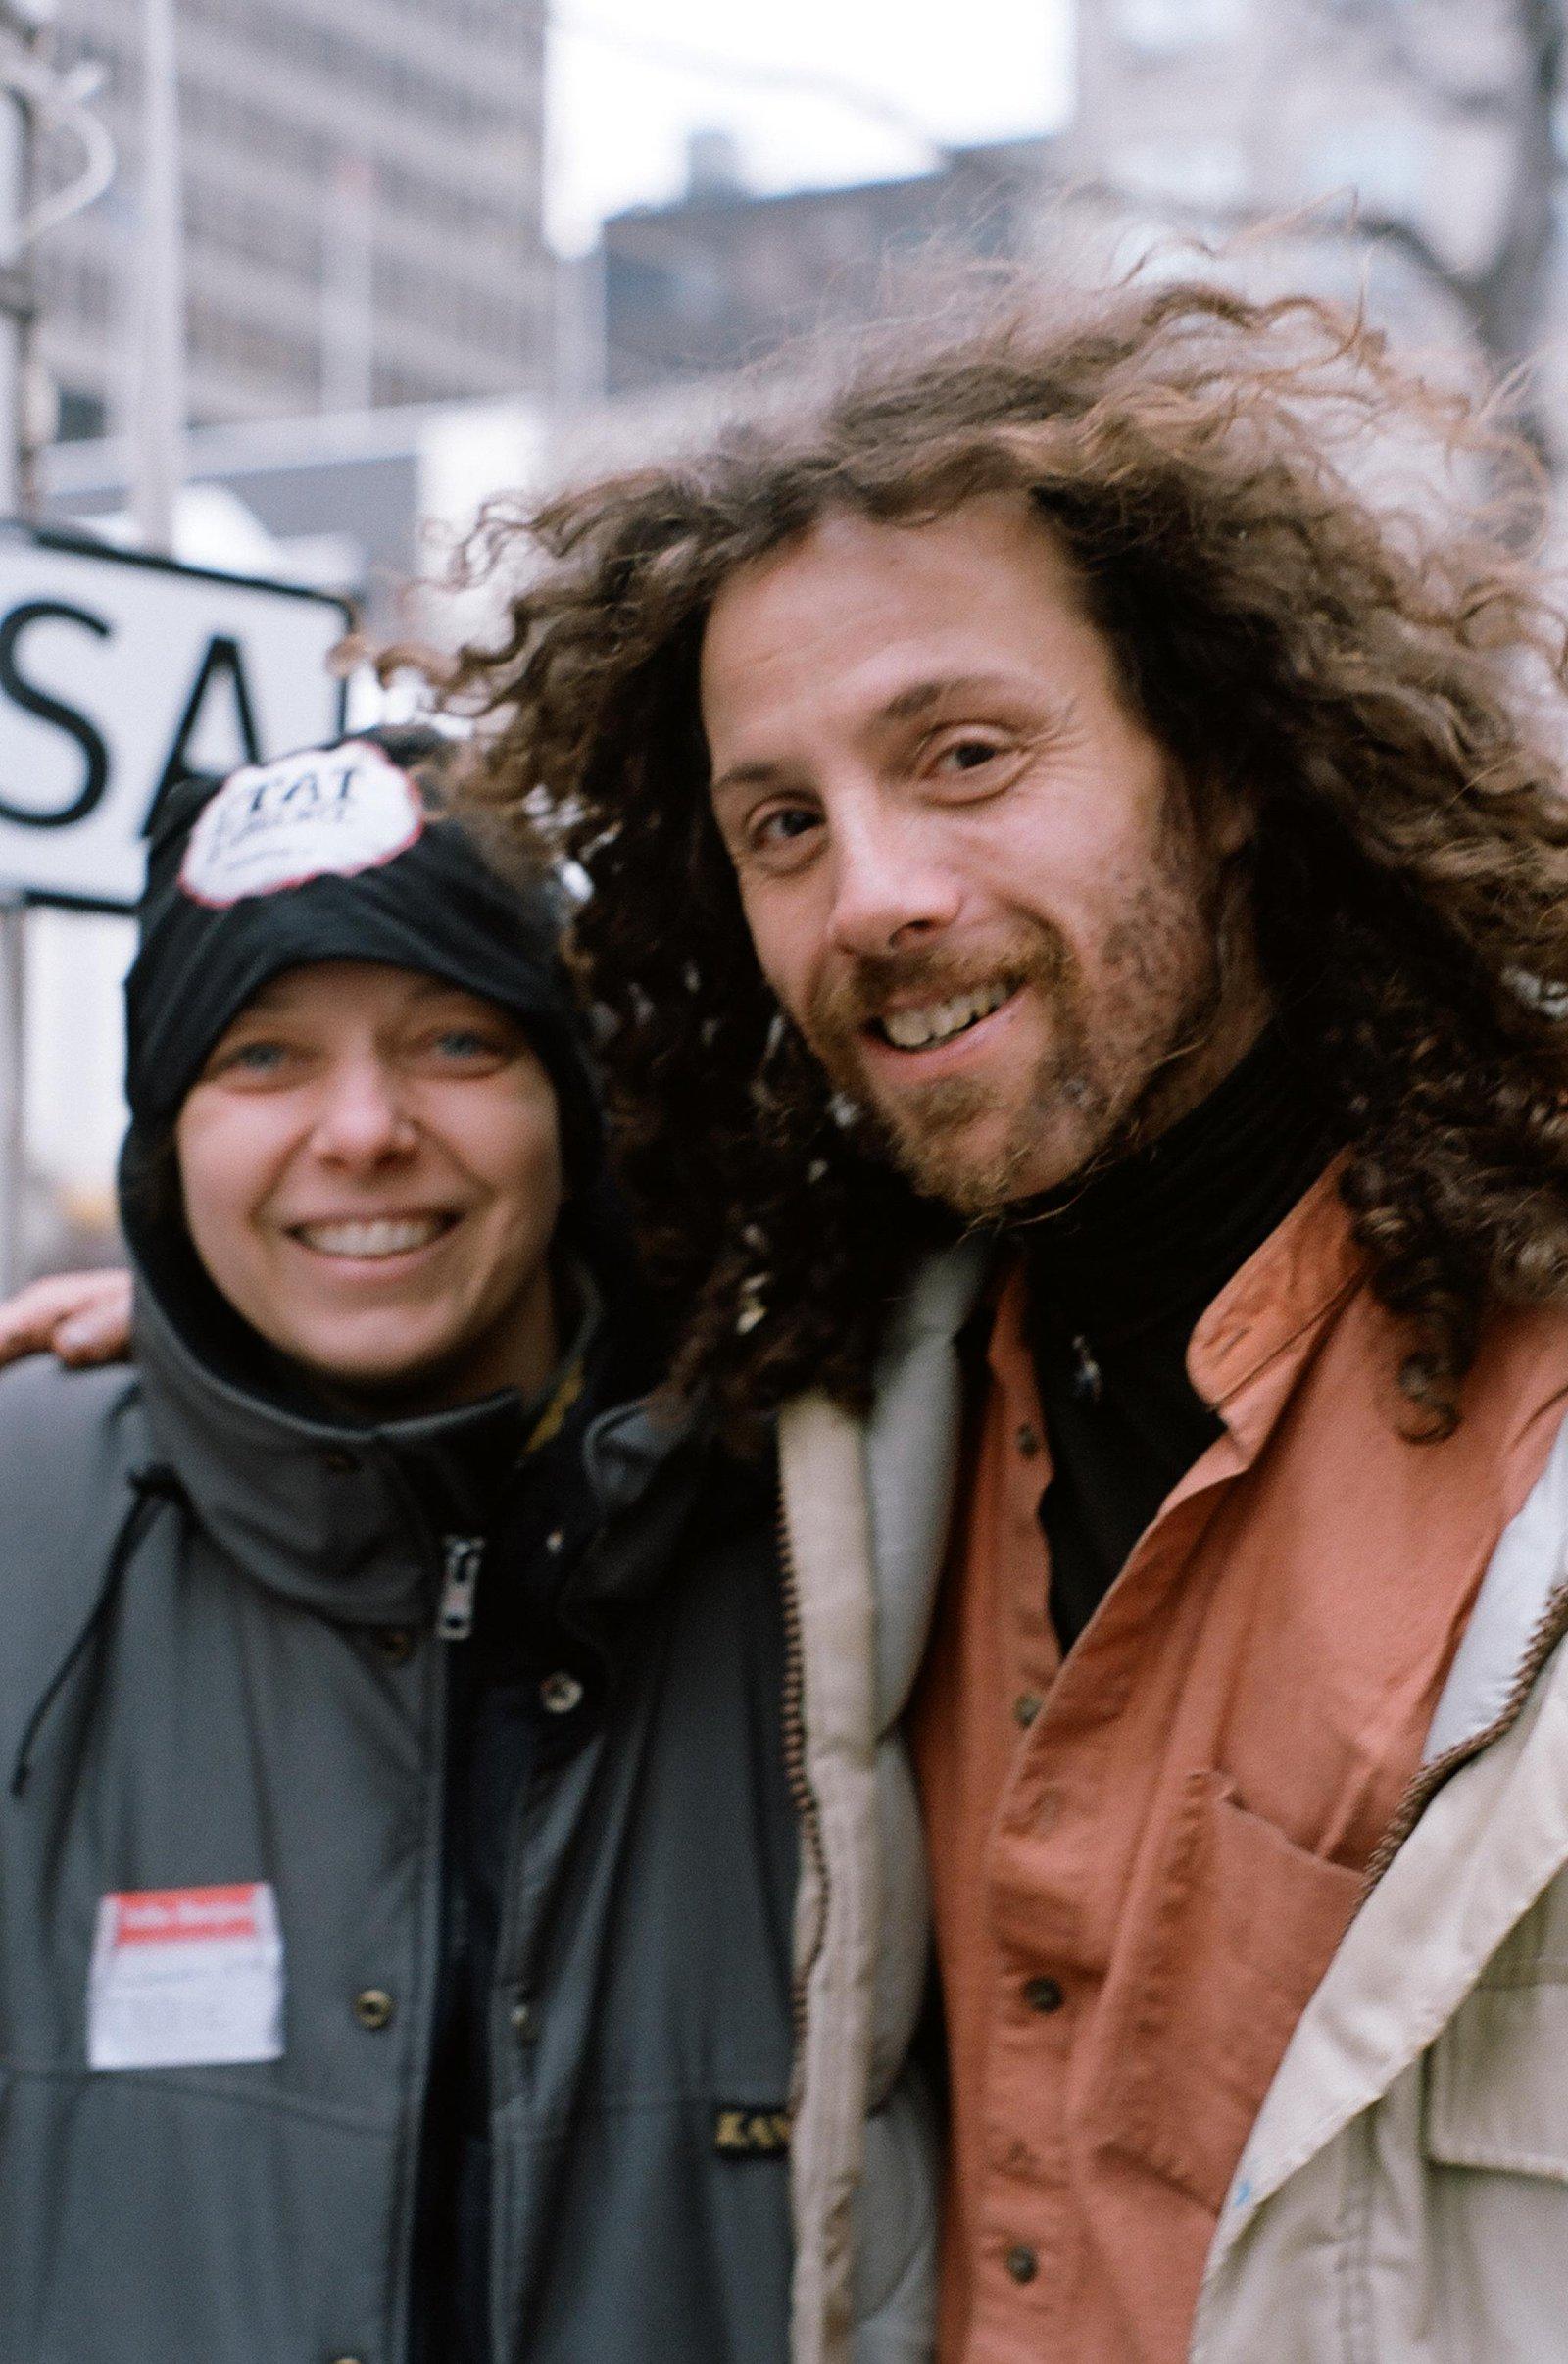 Homeless man IZZY